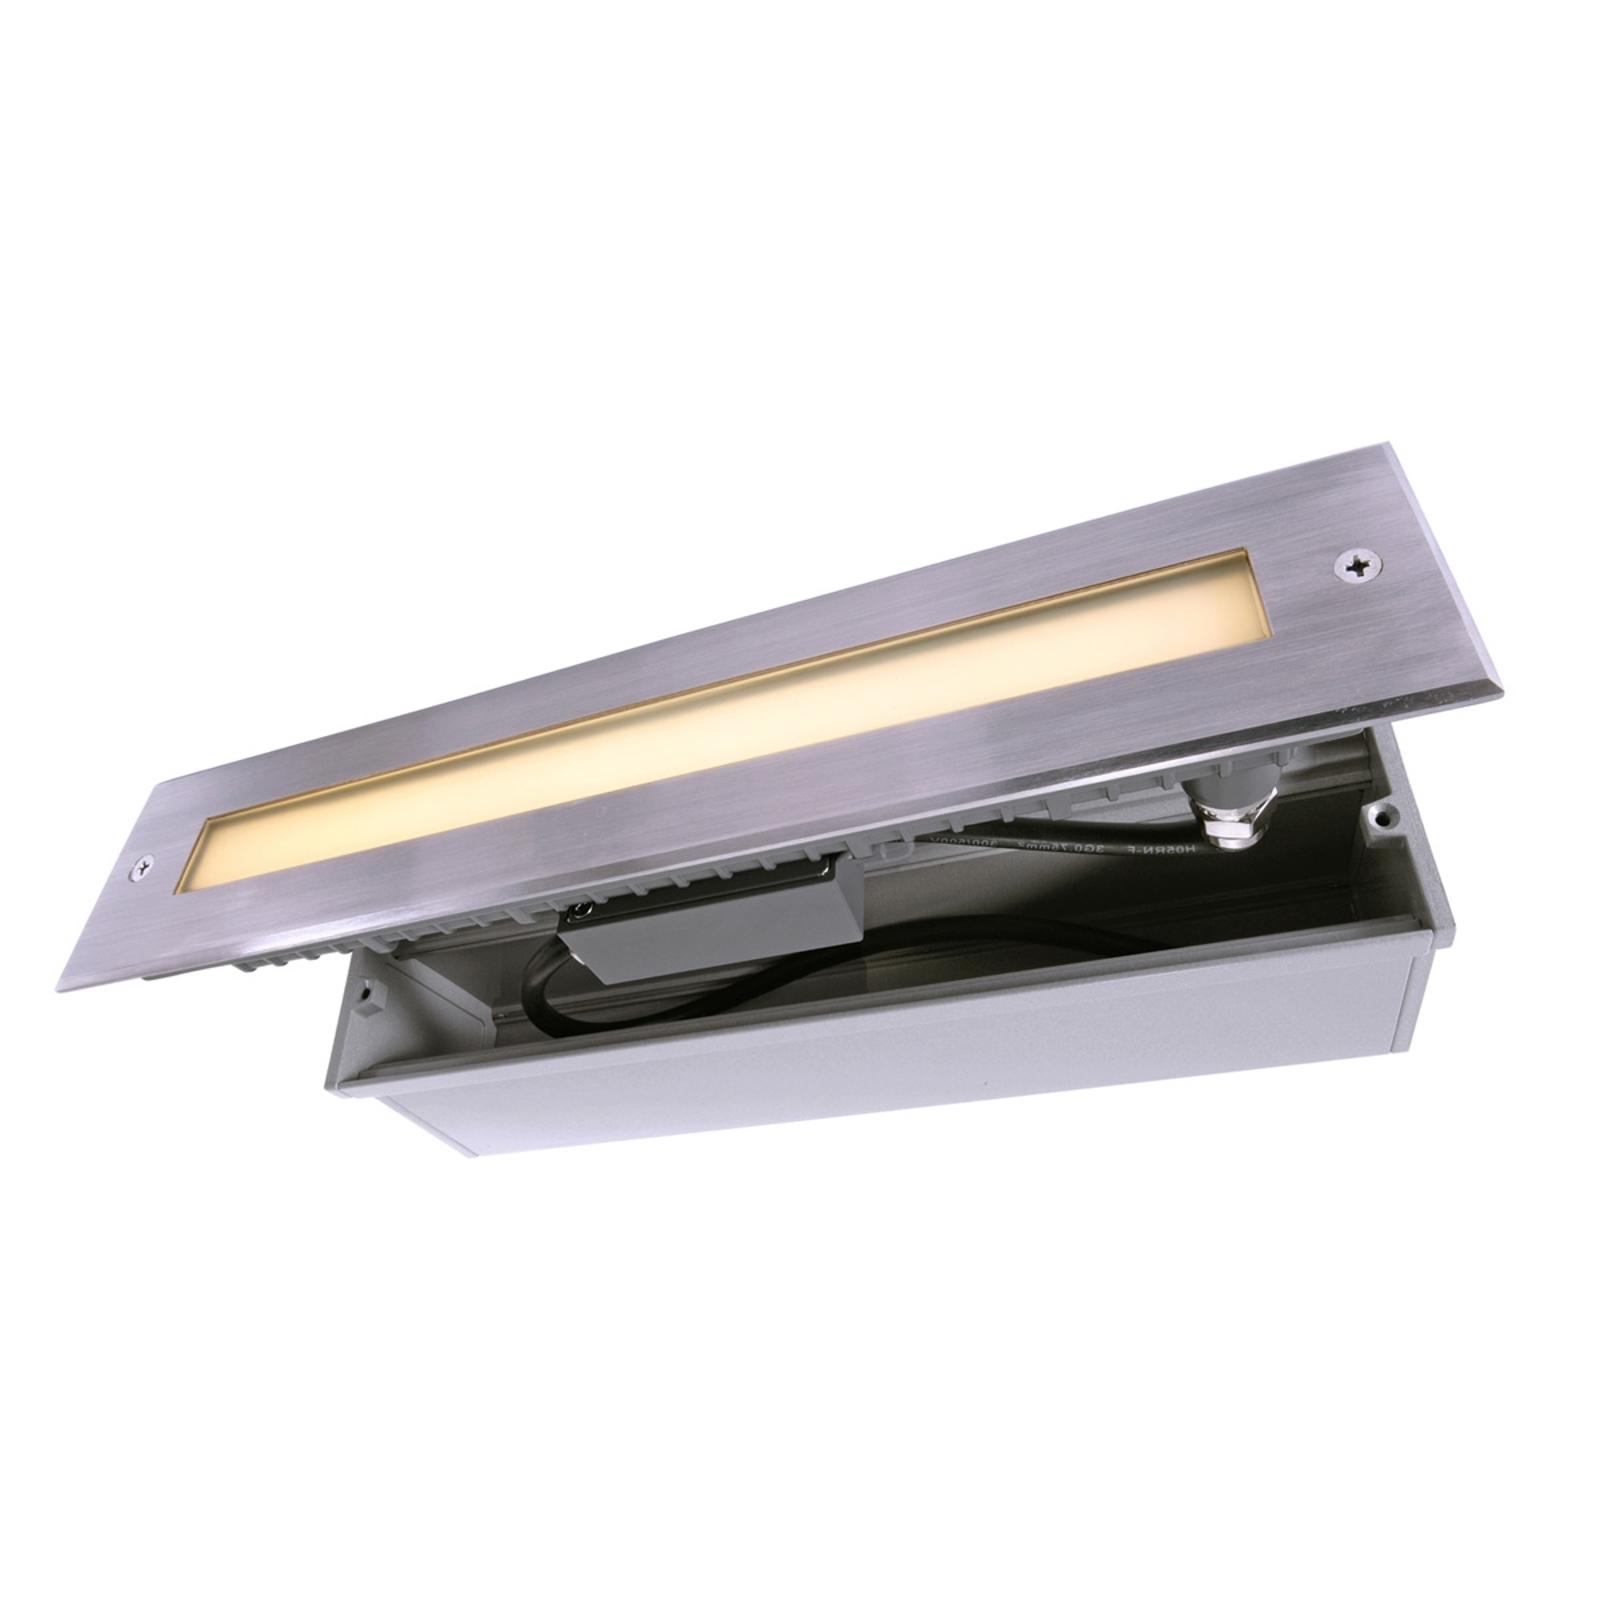 Zapustené podlahové LED svetlo Line, dĺžka 32,8 cm_2501967_1